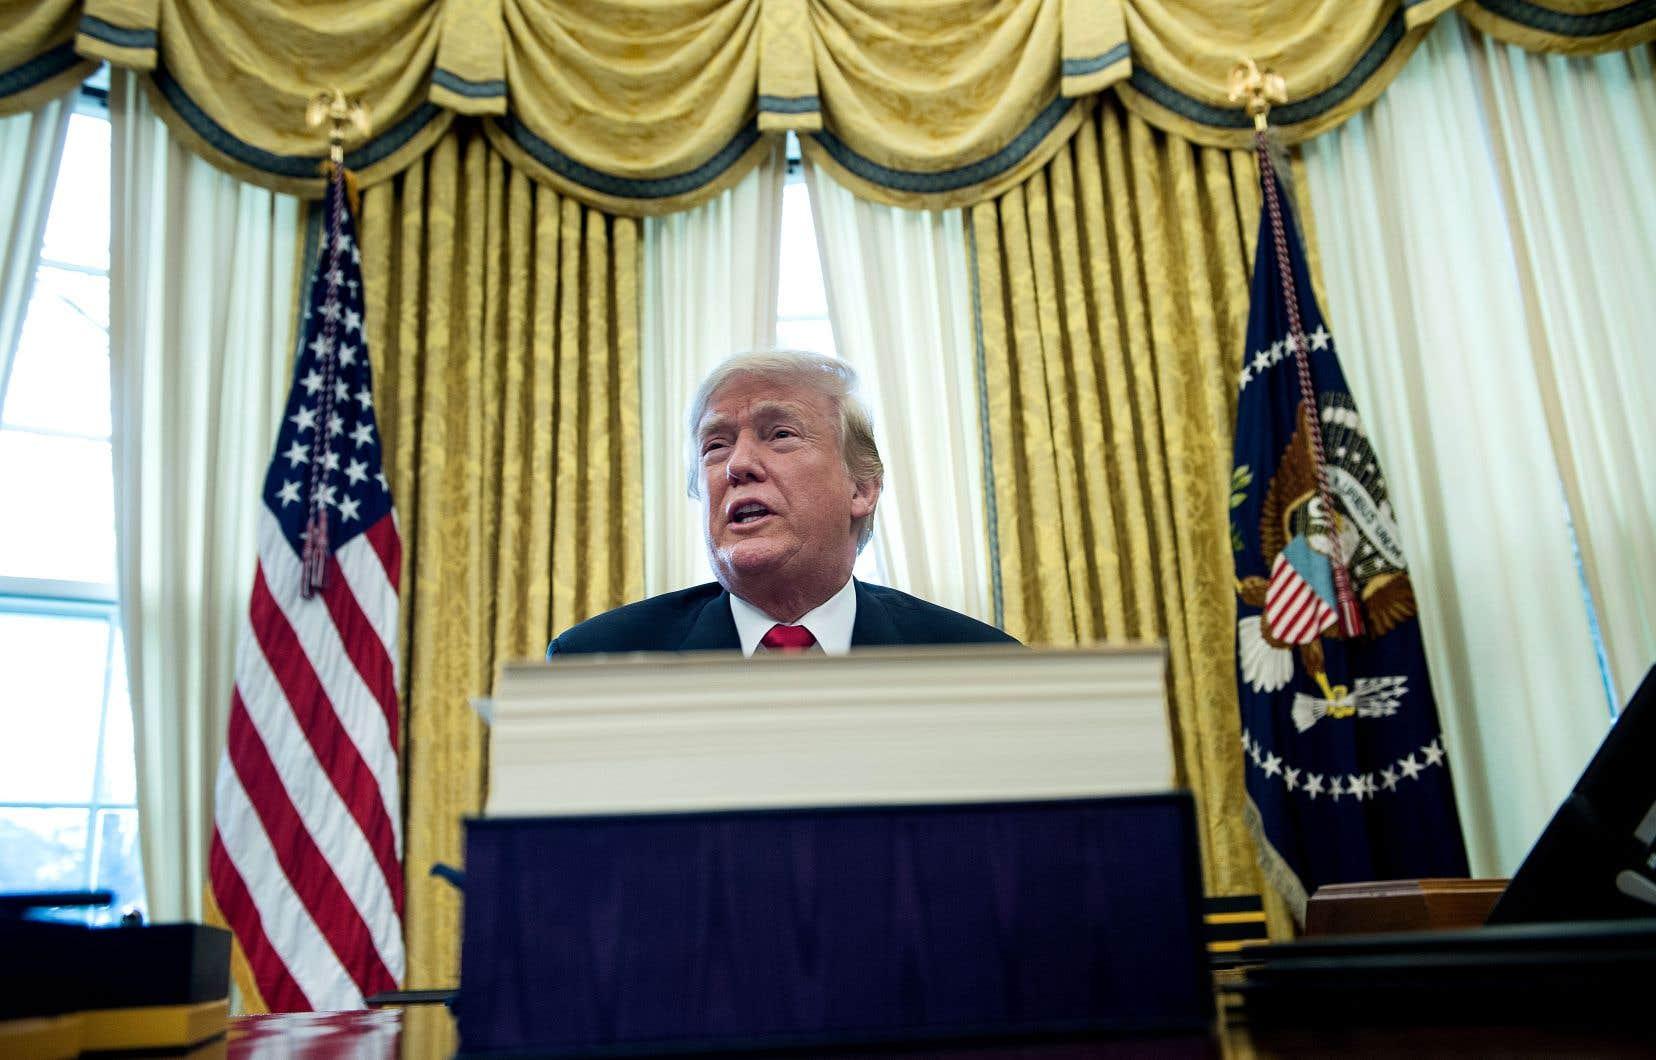 La très forte majorité des élus républicains se garde de critiquer Donald Trump par crainte pour ses chances de réélection ou dans l'espoir qu'il réalise le programme traditionnel du Parti, croit l'auteur.